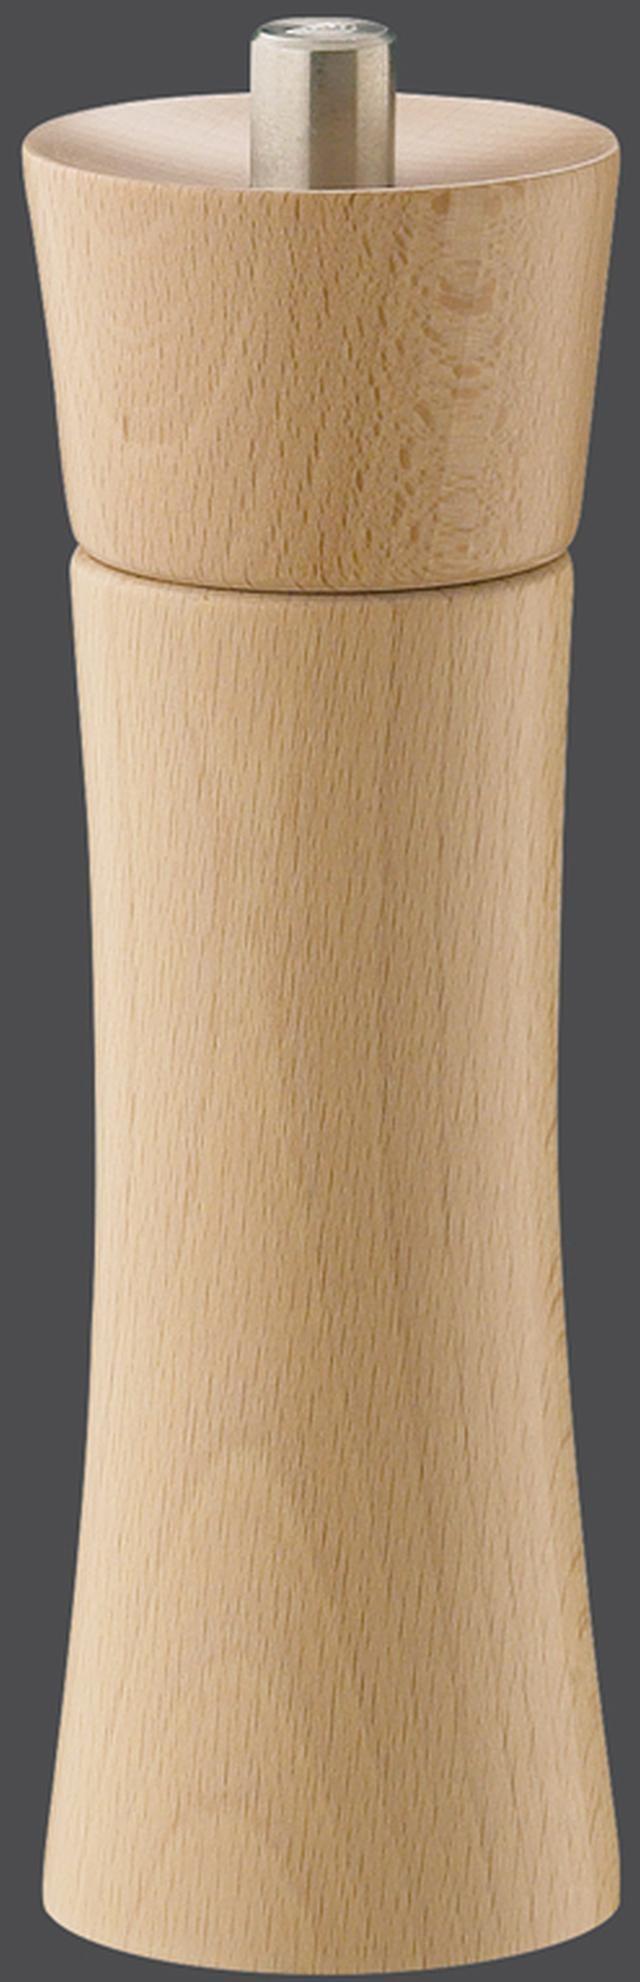 Pepermolen Zassenhaus frankfurt hout naturel